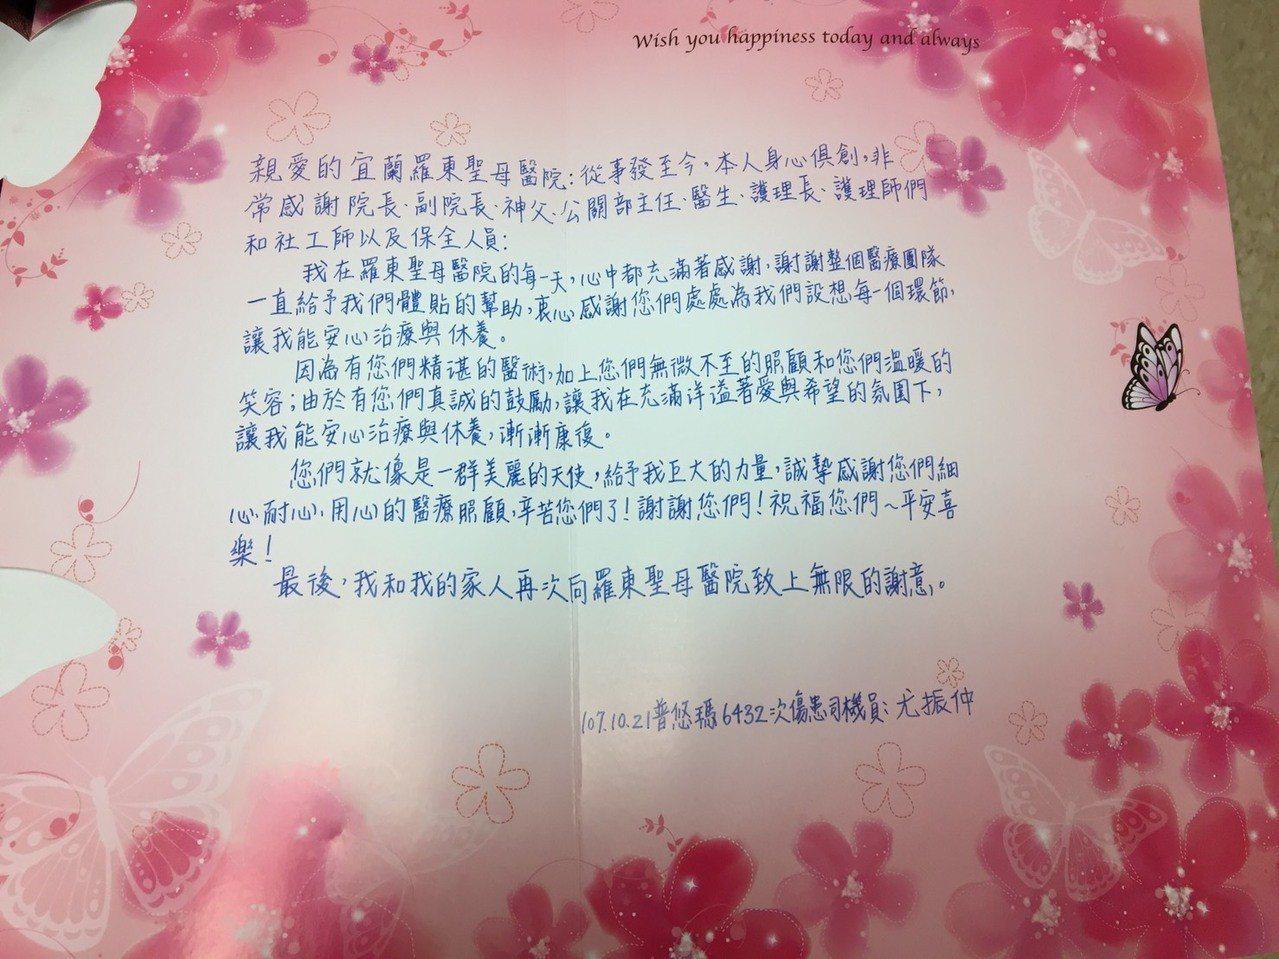 普悠瑪列車事故的司機尤振仲上午辦理出院,由女兒代筆寫卡片道謝,「事發至今,本人身...